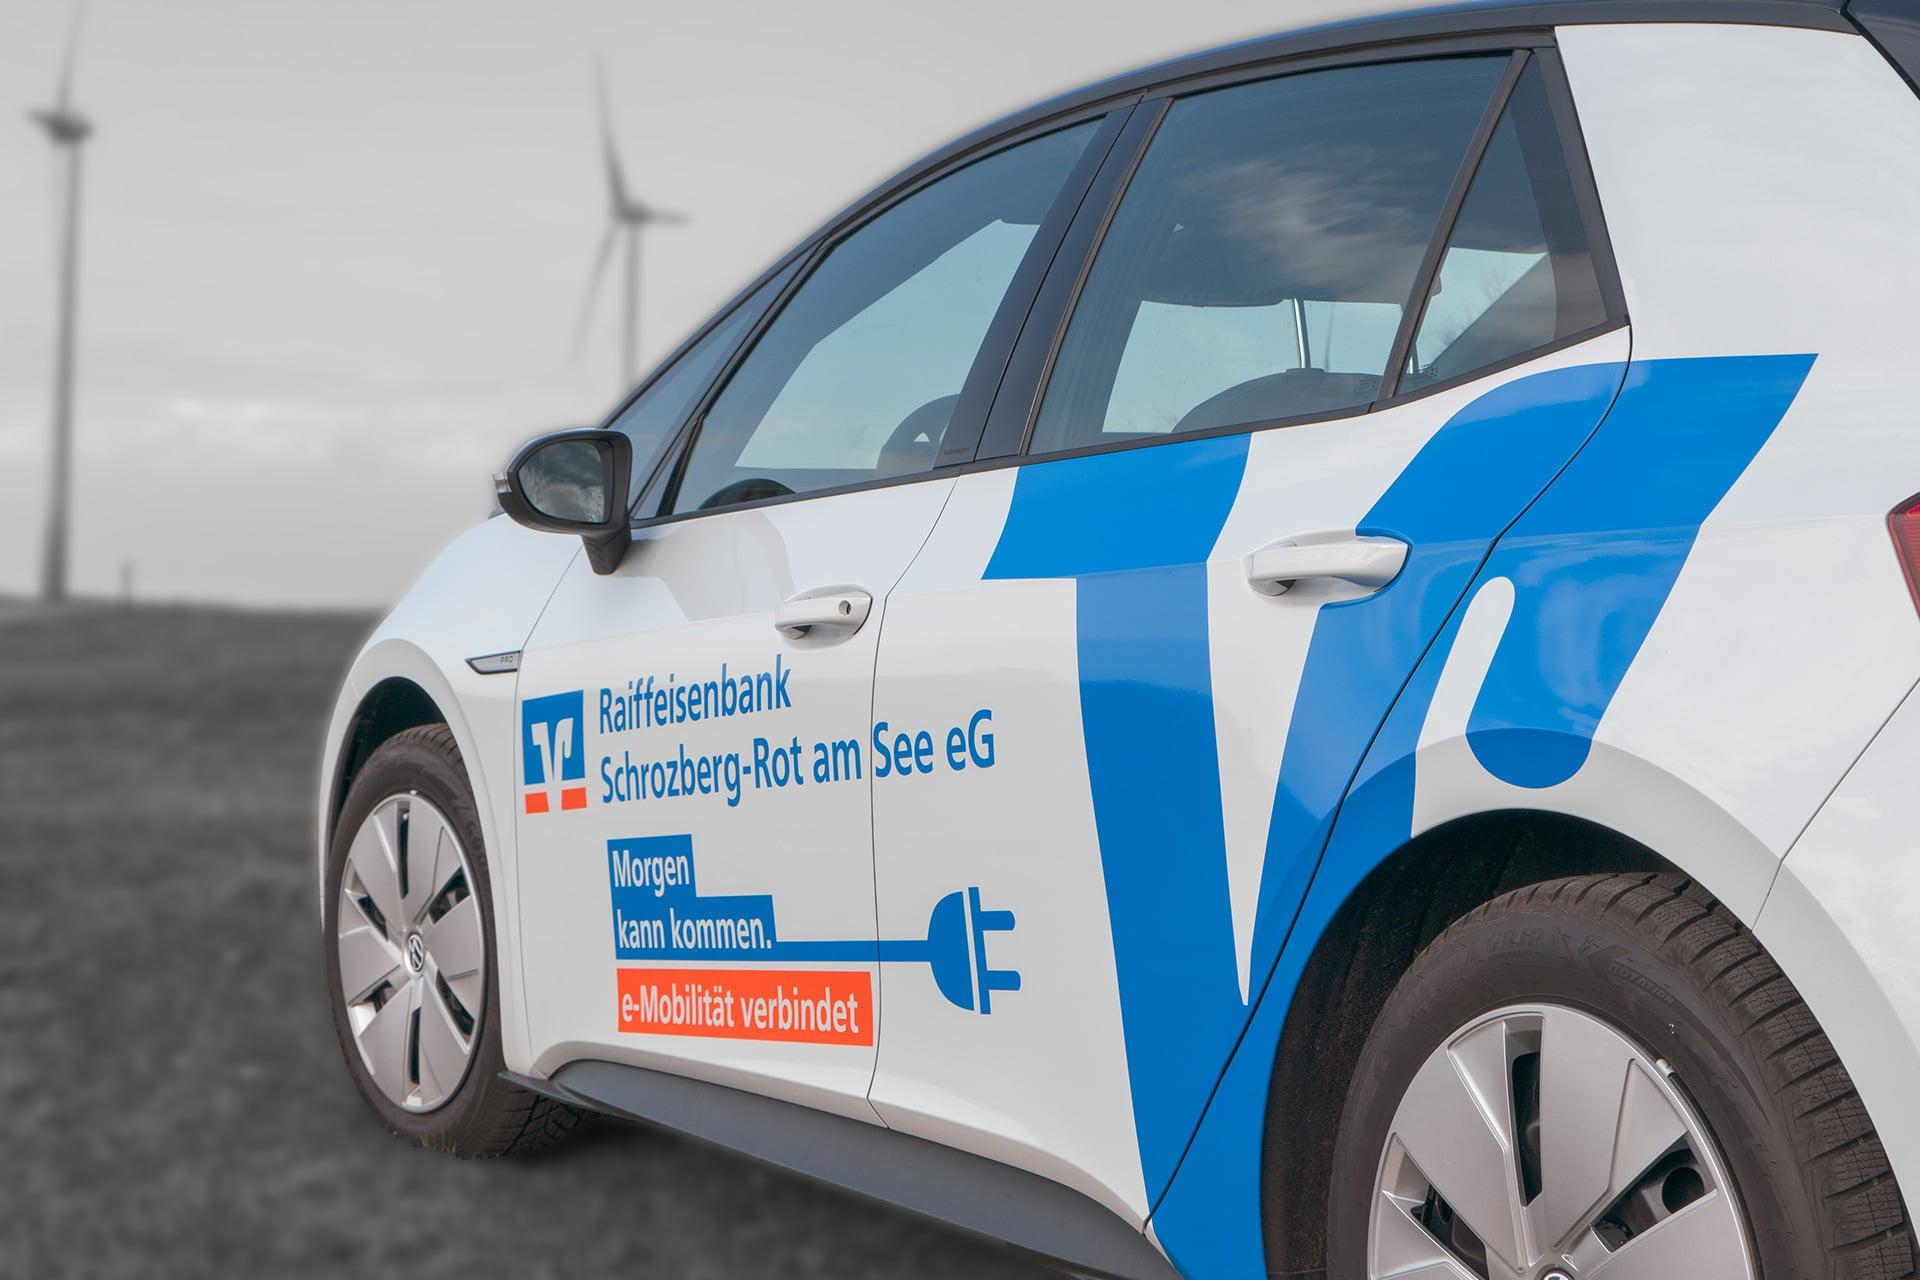 Fahrzeugbeschriftung für die Raiffeisenbank in Schrozberg